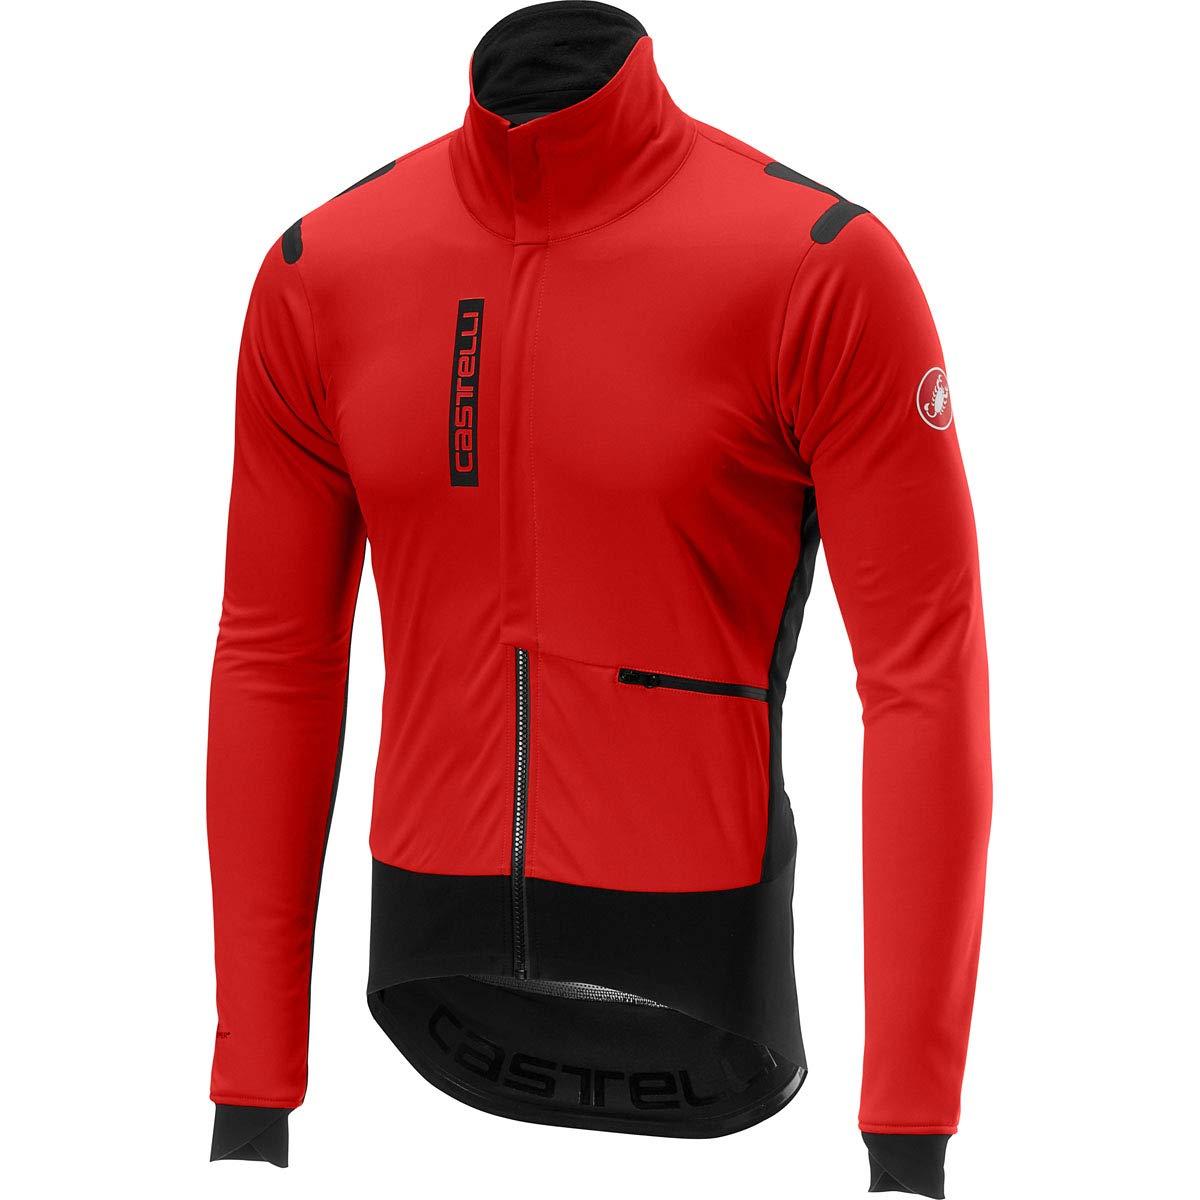 Castelli 2017 / 18 Men 'sアルファRosサイクリングジャケット – b17502 Large レッド/ブラック B07GPRFGVN